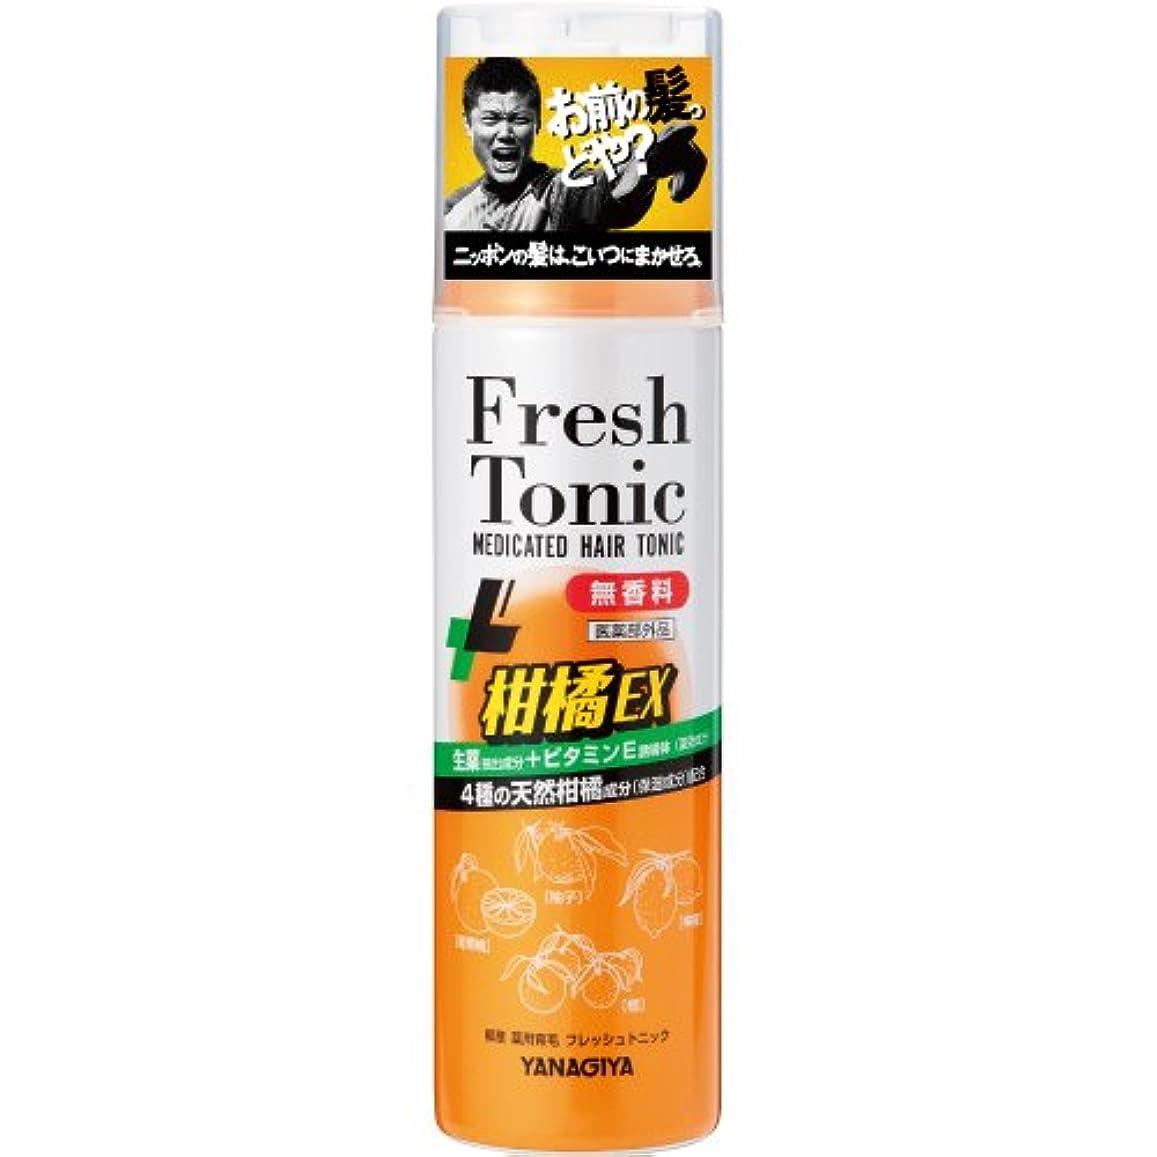 過言周り酸化物柳屋 薬用育毛 フレッシュトニック 柑橘EX <無香料> 190g